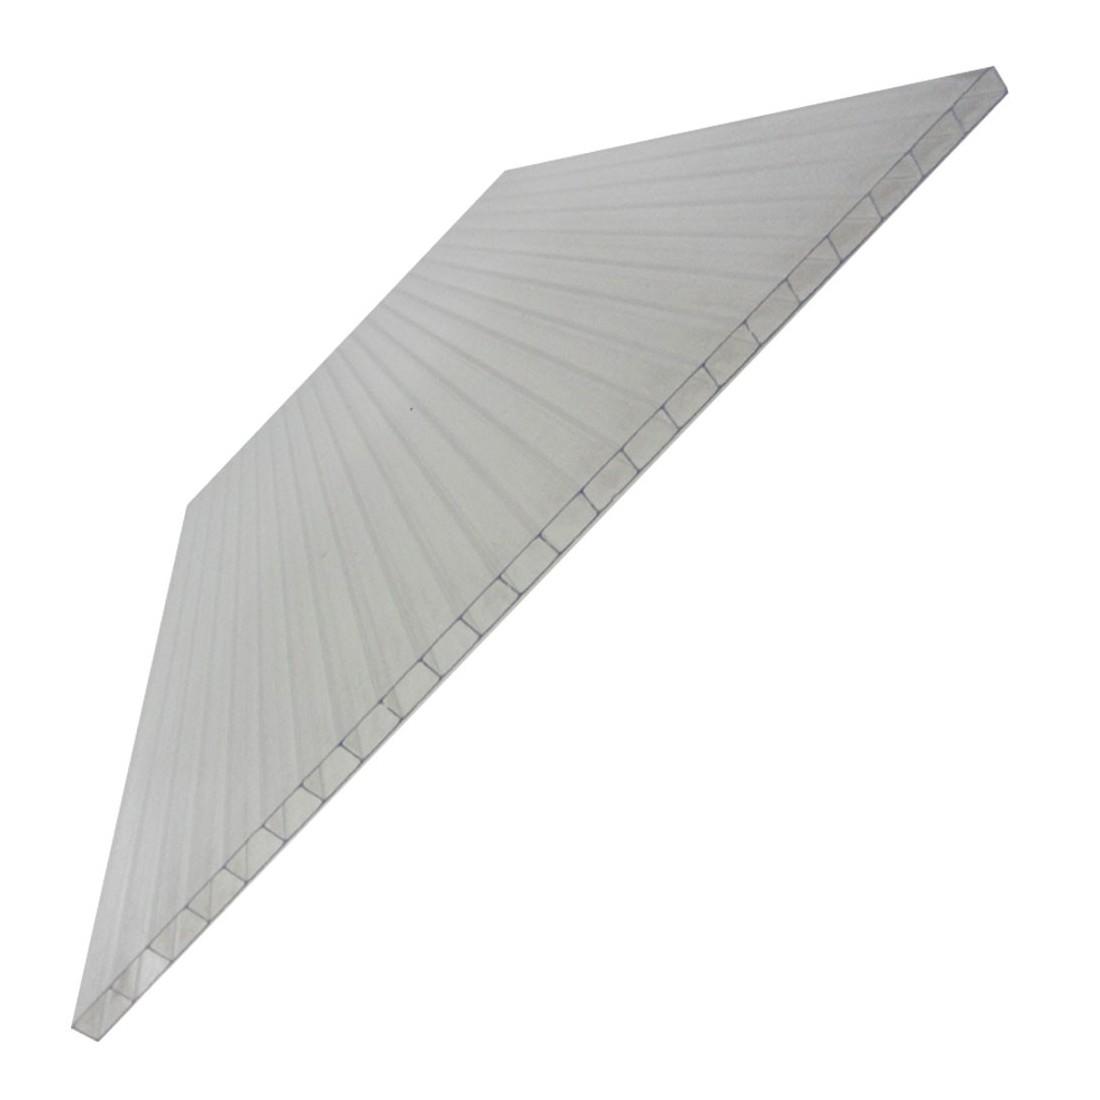 plaque polycarbonate pour serre en aluminium. Black Bedroom Furniture Sets. Home Design Ideas